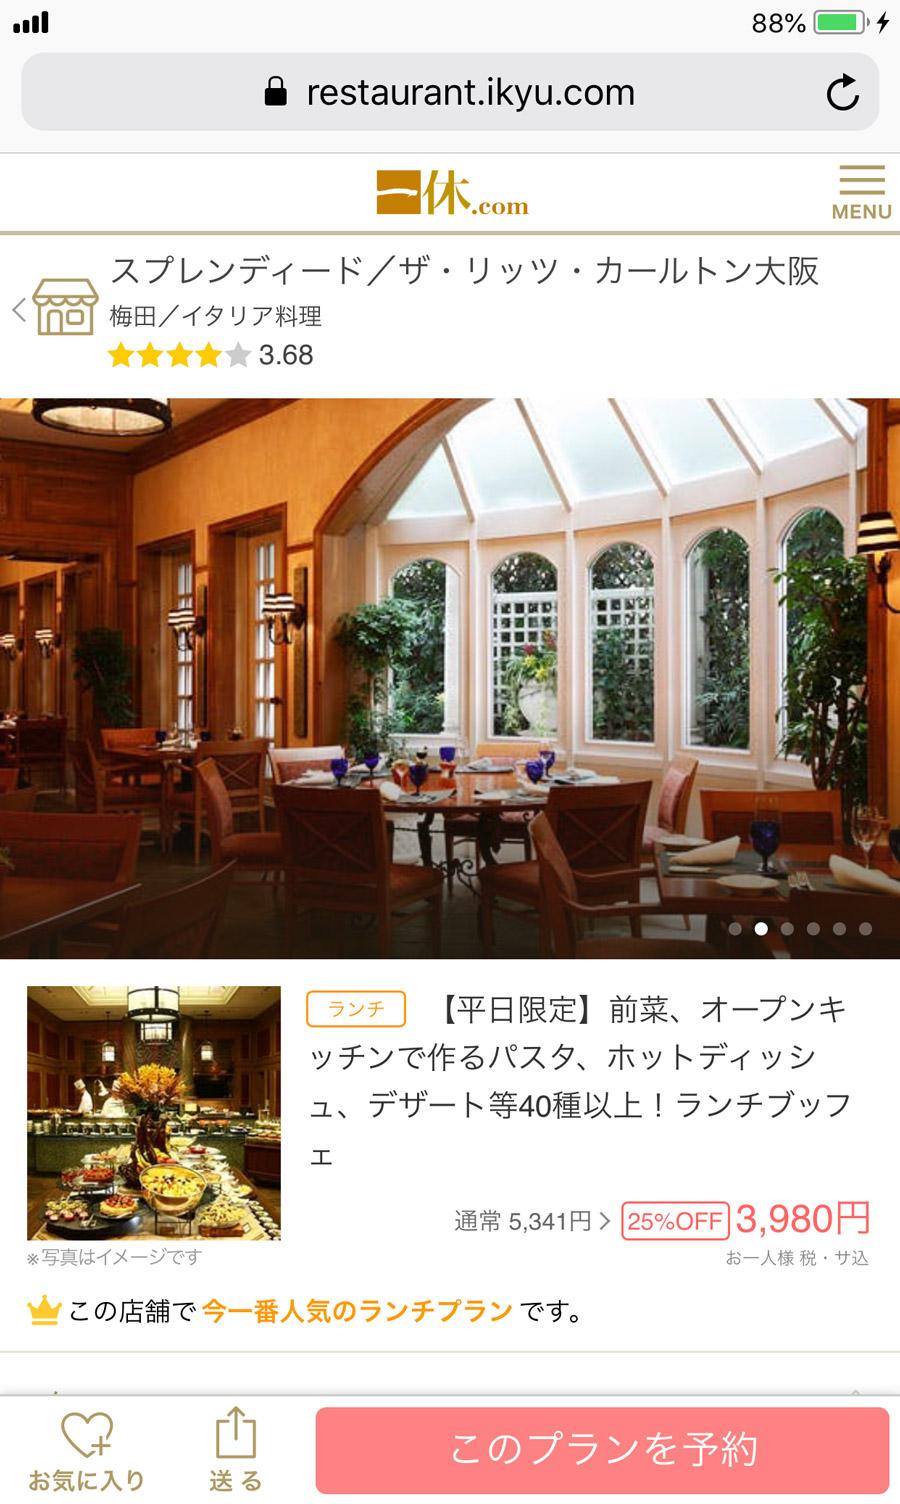 【初デート・勝負デートのお店選び】男性限定!一休レストラン予約を使えば、お得に食事しながら女性にドヤ顔!